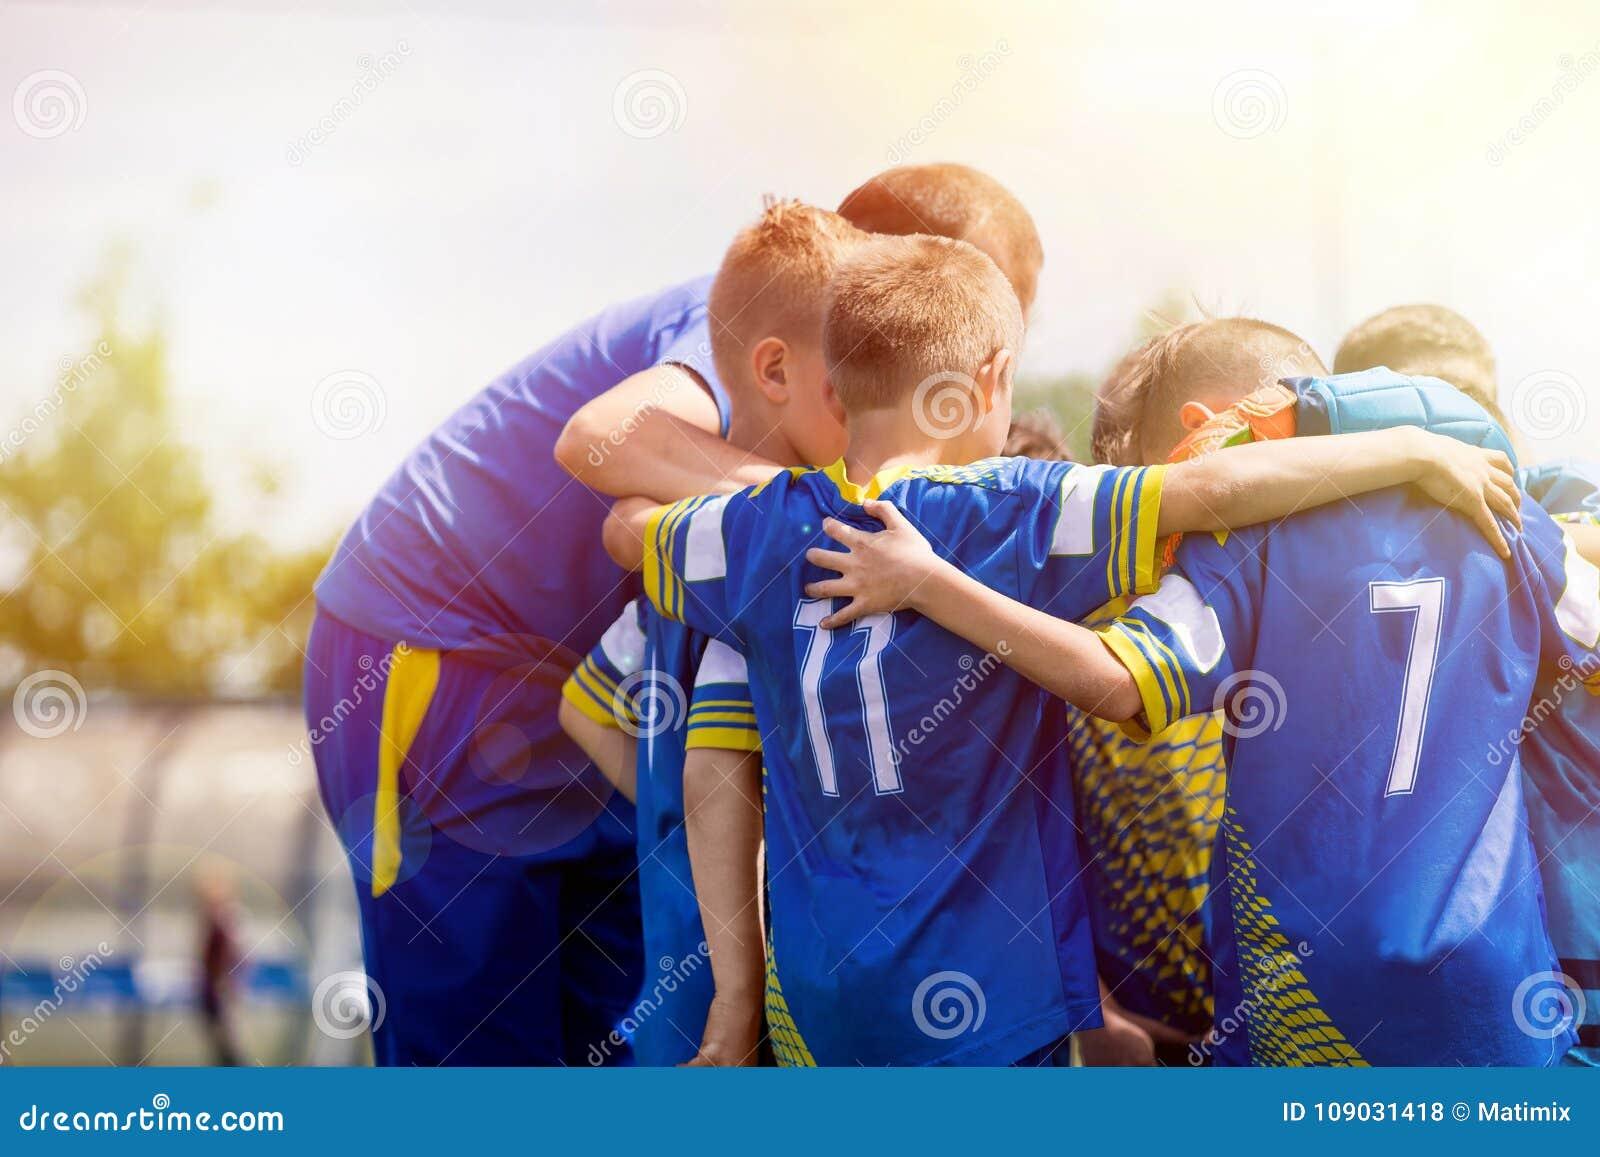 哄骗有的体育队与教练的鼓励性讲话 儿童教练员刺激的足球队员 教练橄榄球青年队